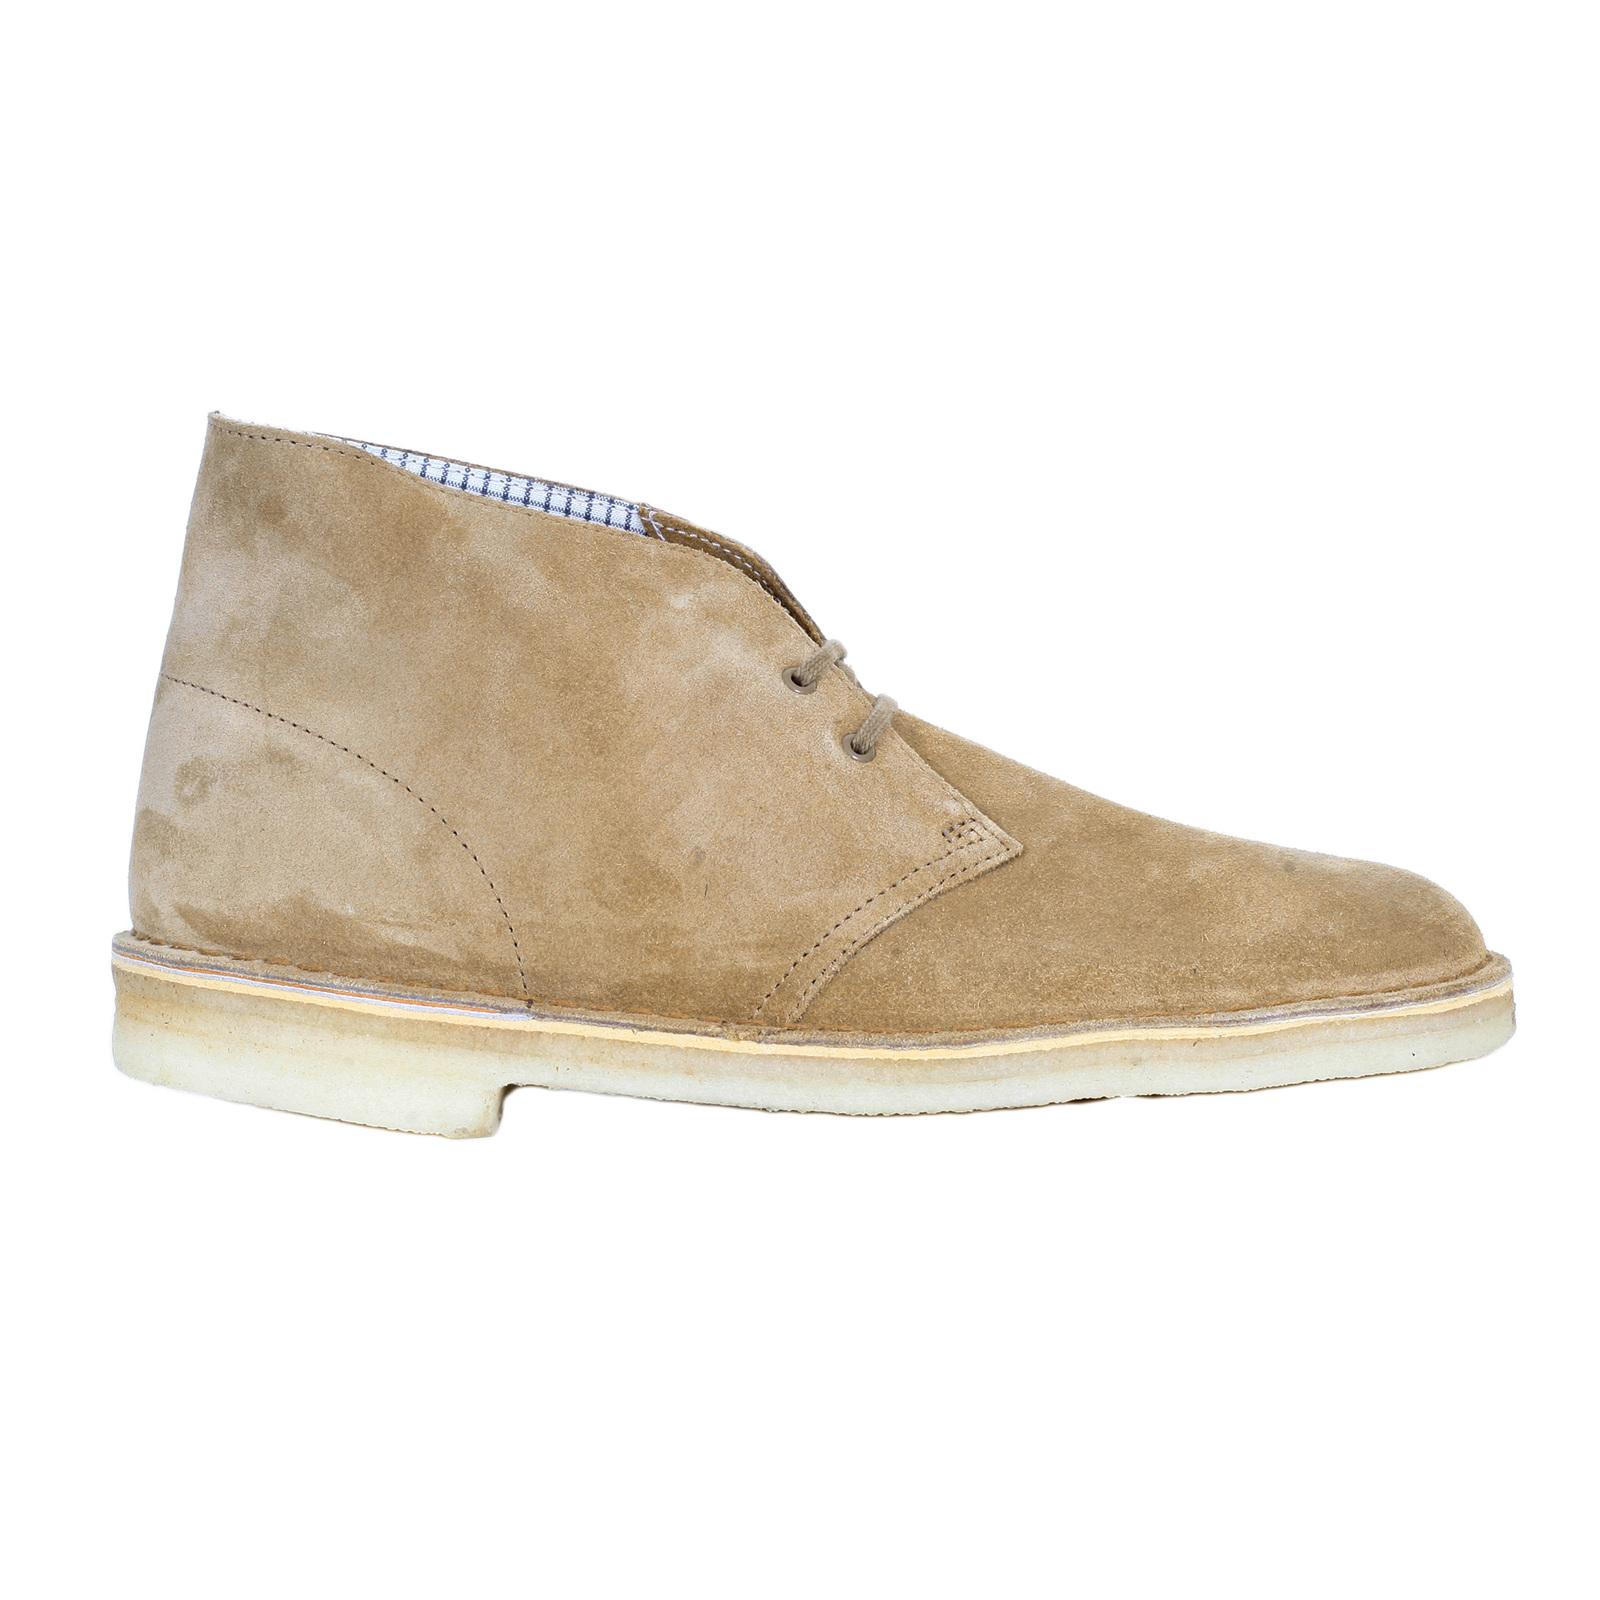 Clarks Originals Desert Boot Men/'s Oakwood Beige Suede 26110058